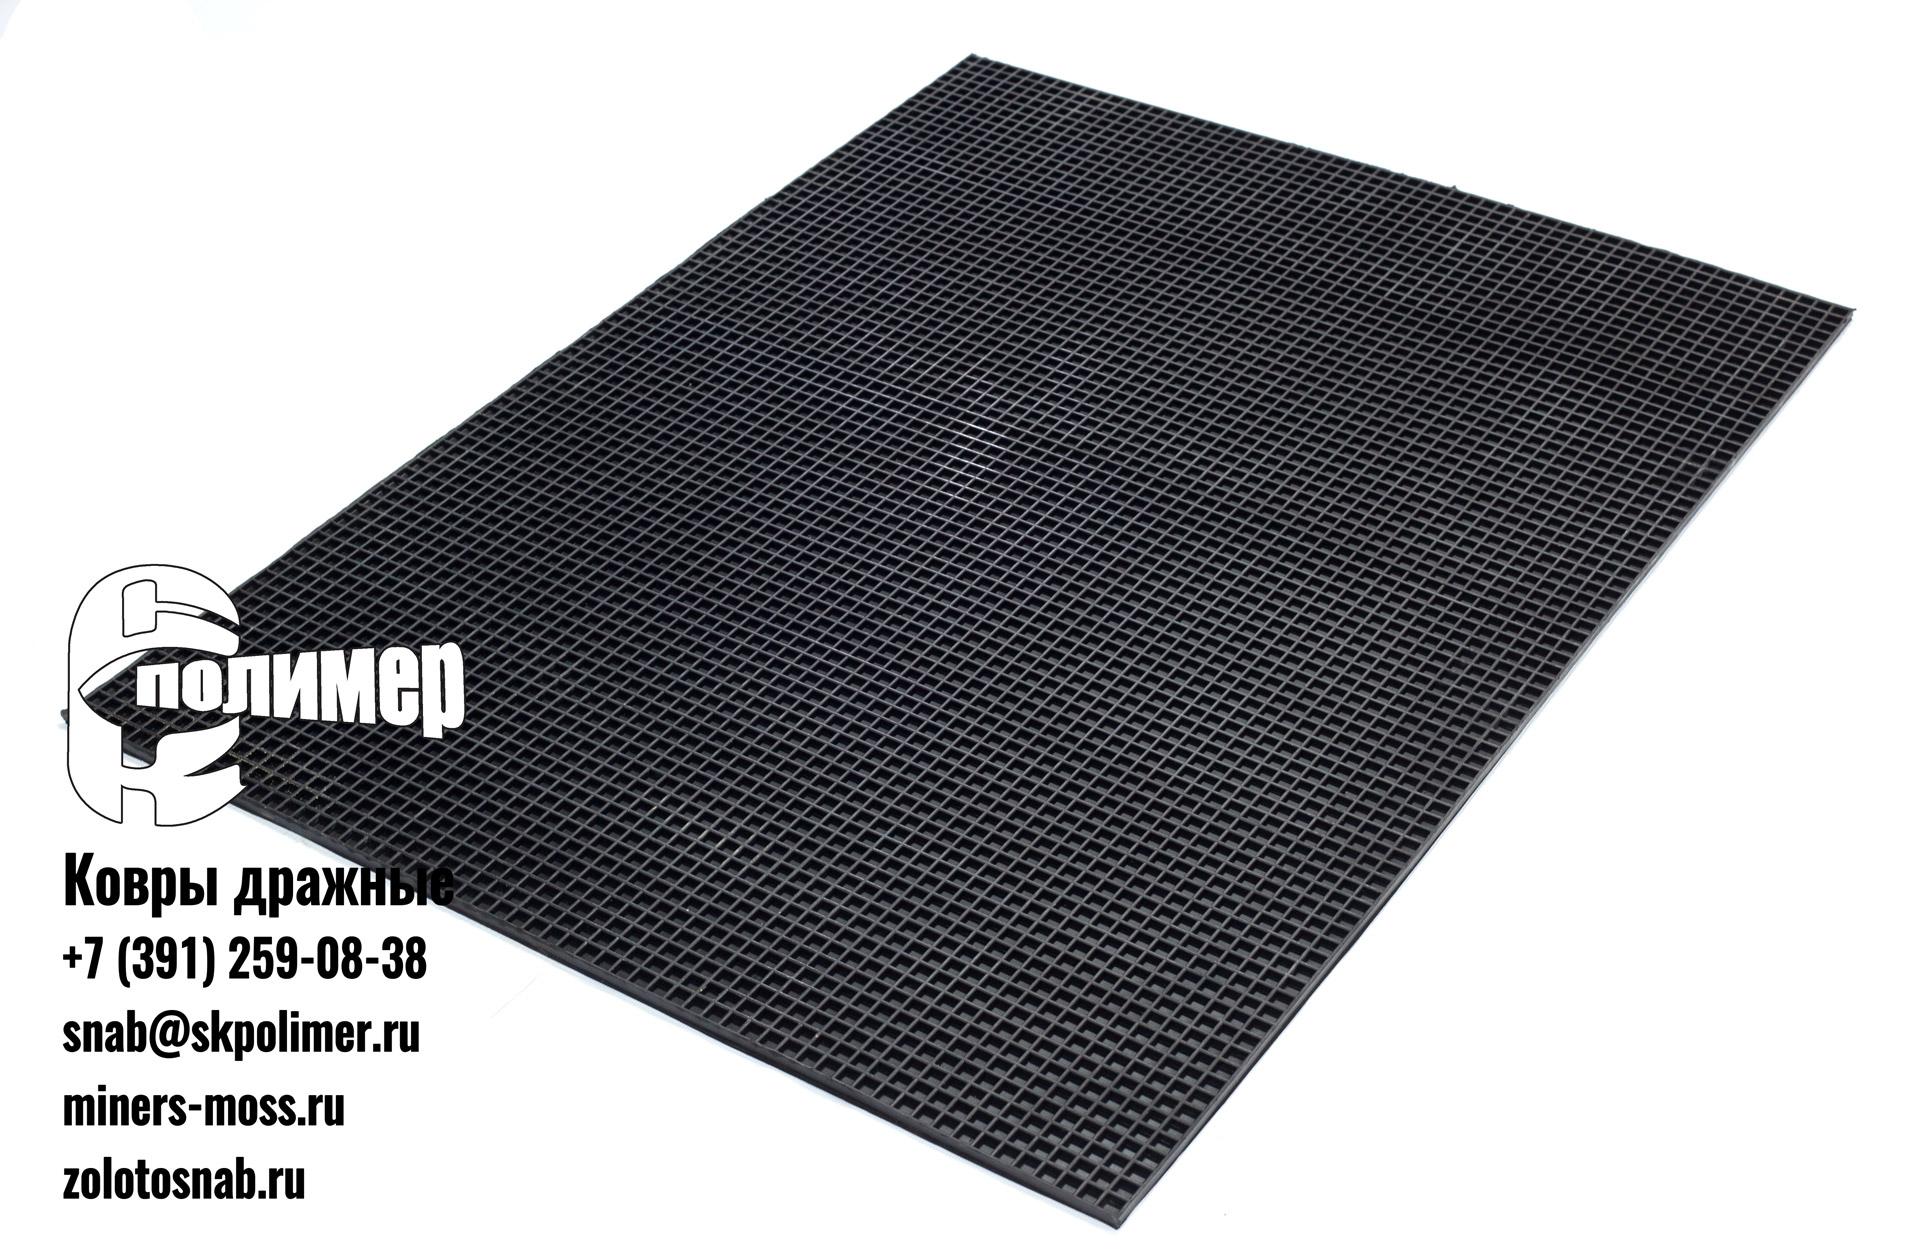 ковры дражные резиновые 365